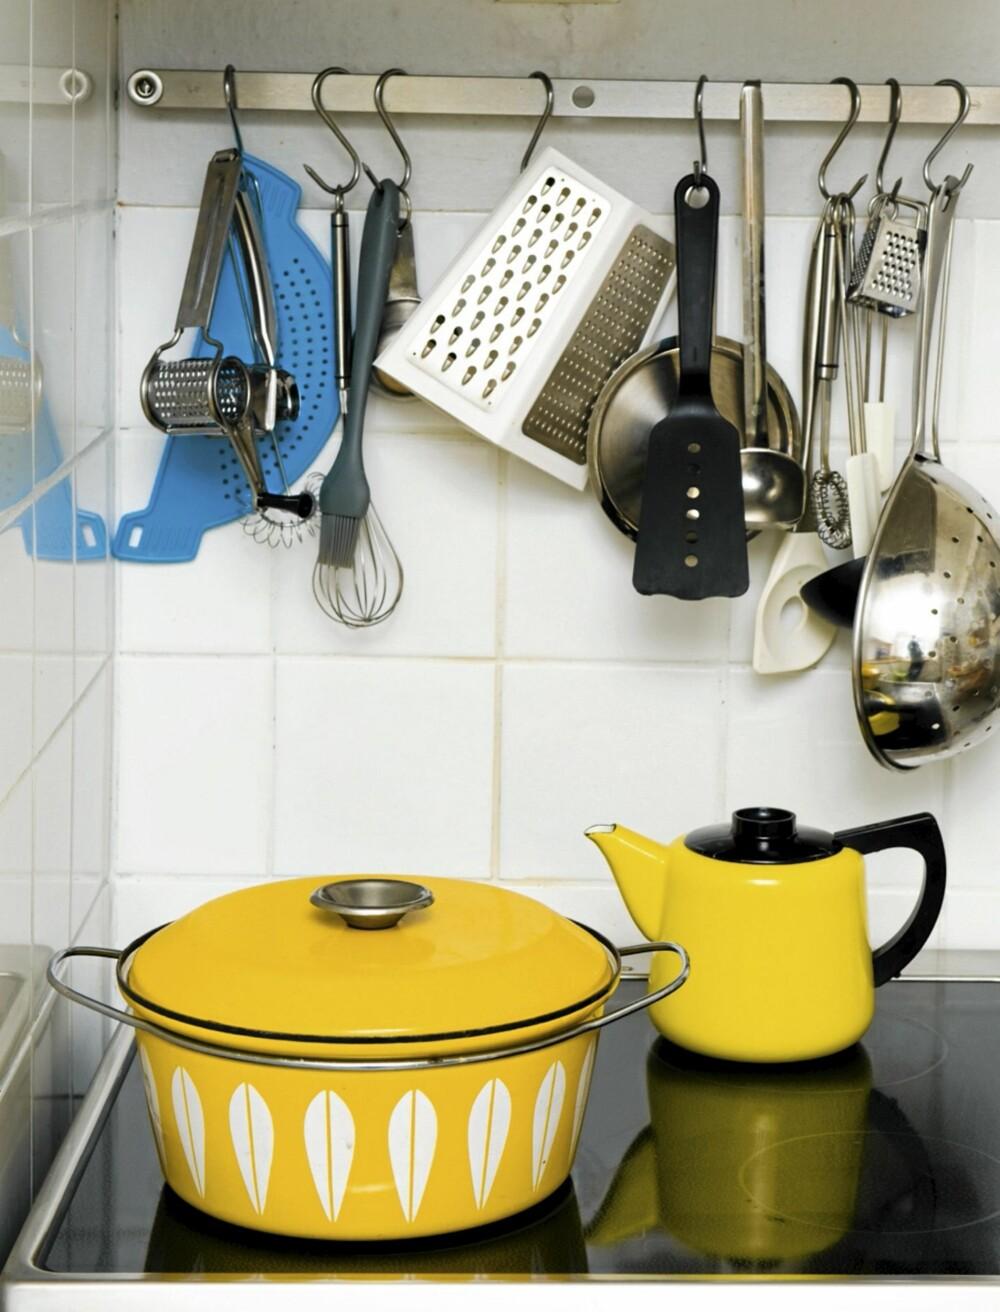 GULT ER KULT: Ikea har løftet frem gult som it-fargen i år. Brukskunstneren Grete Prydz Kittelsen visste nok hva hun holdt på med lenge før det, da hun lagde de udødelige emaljebollene fra Cathrineholm.